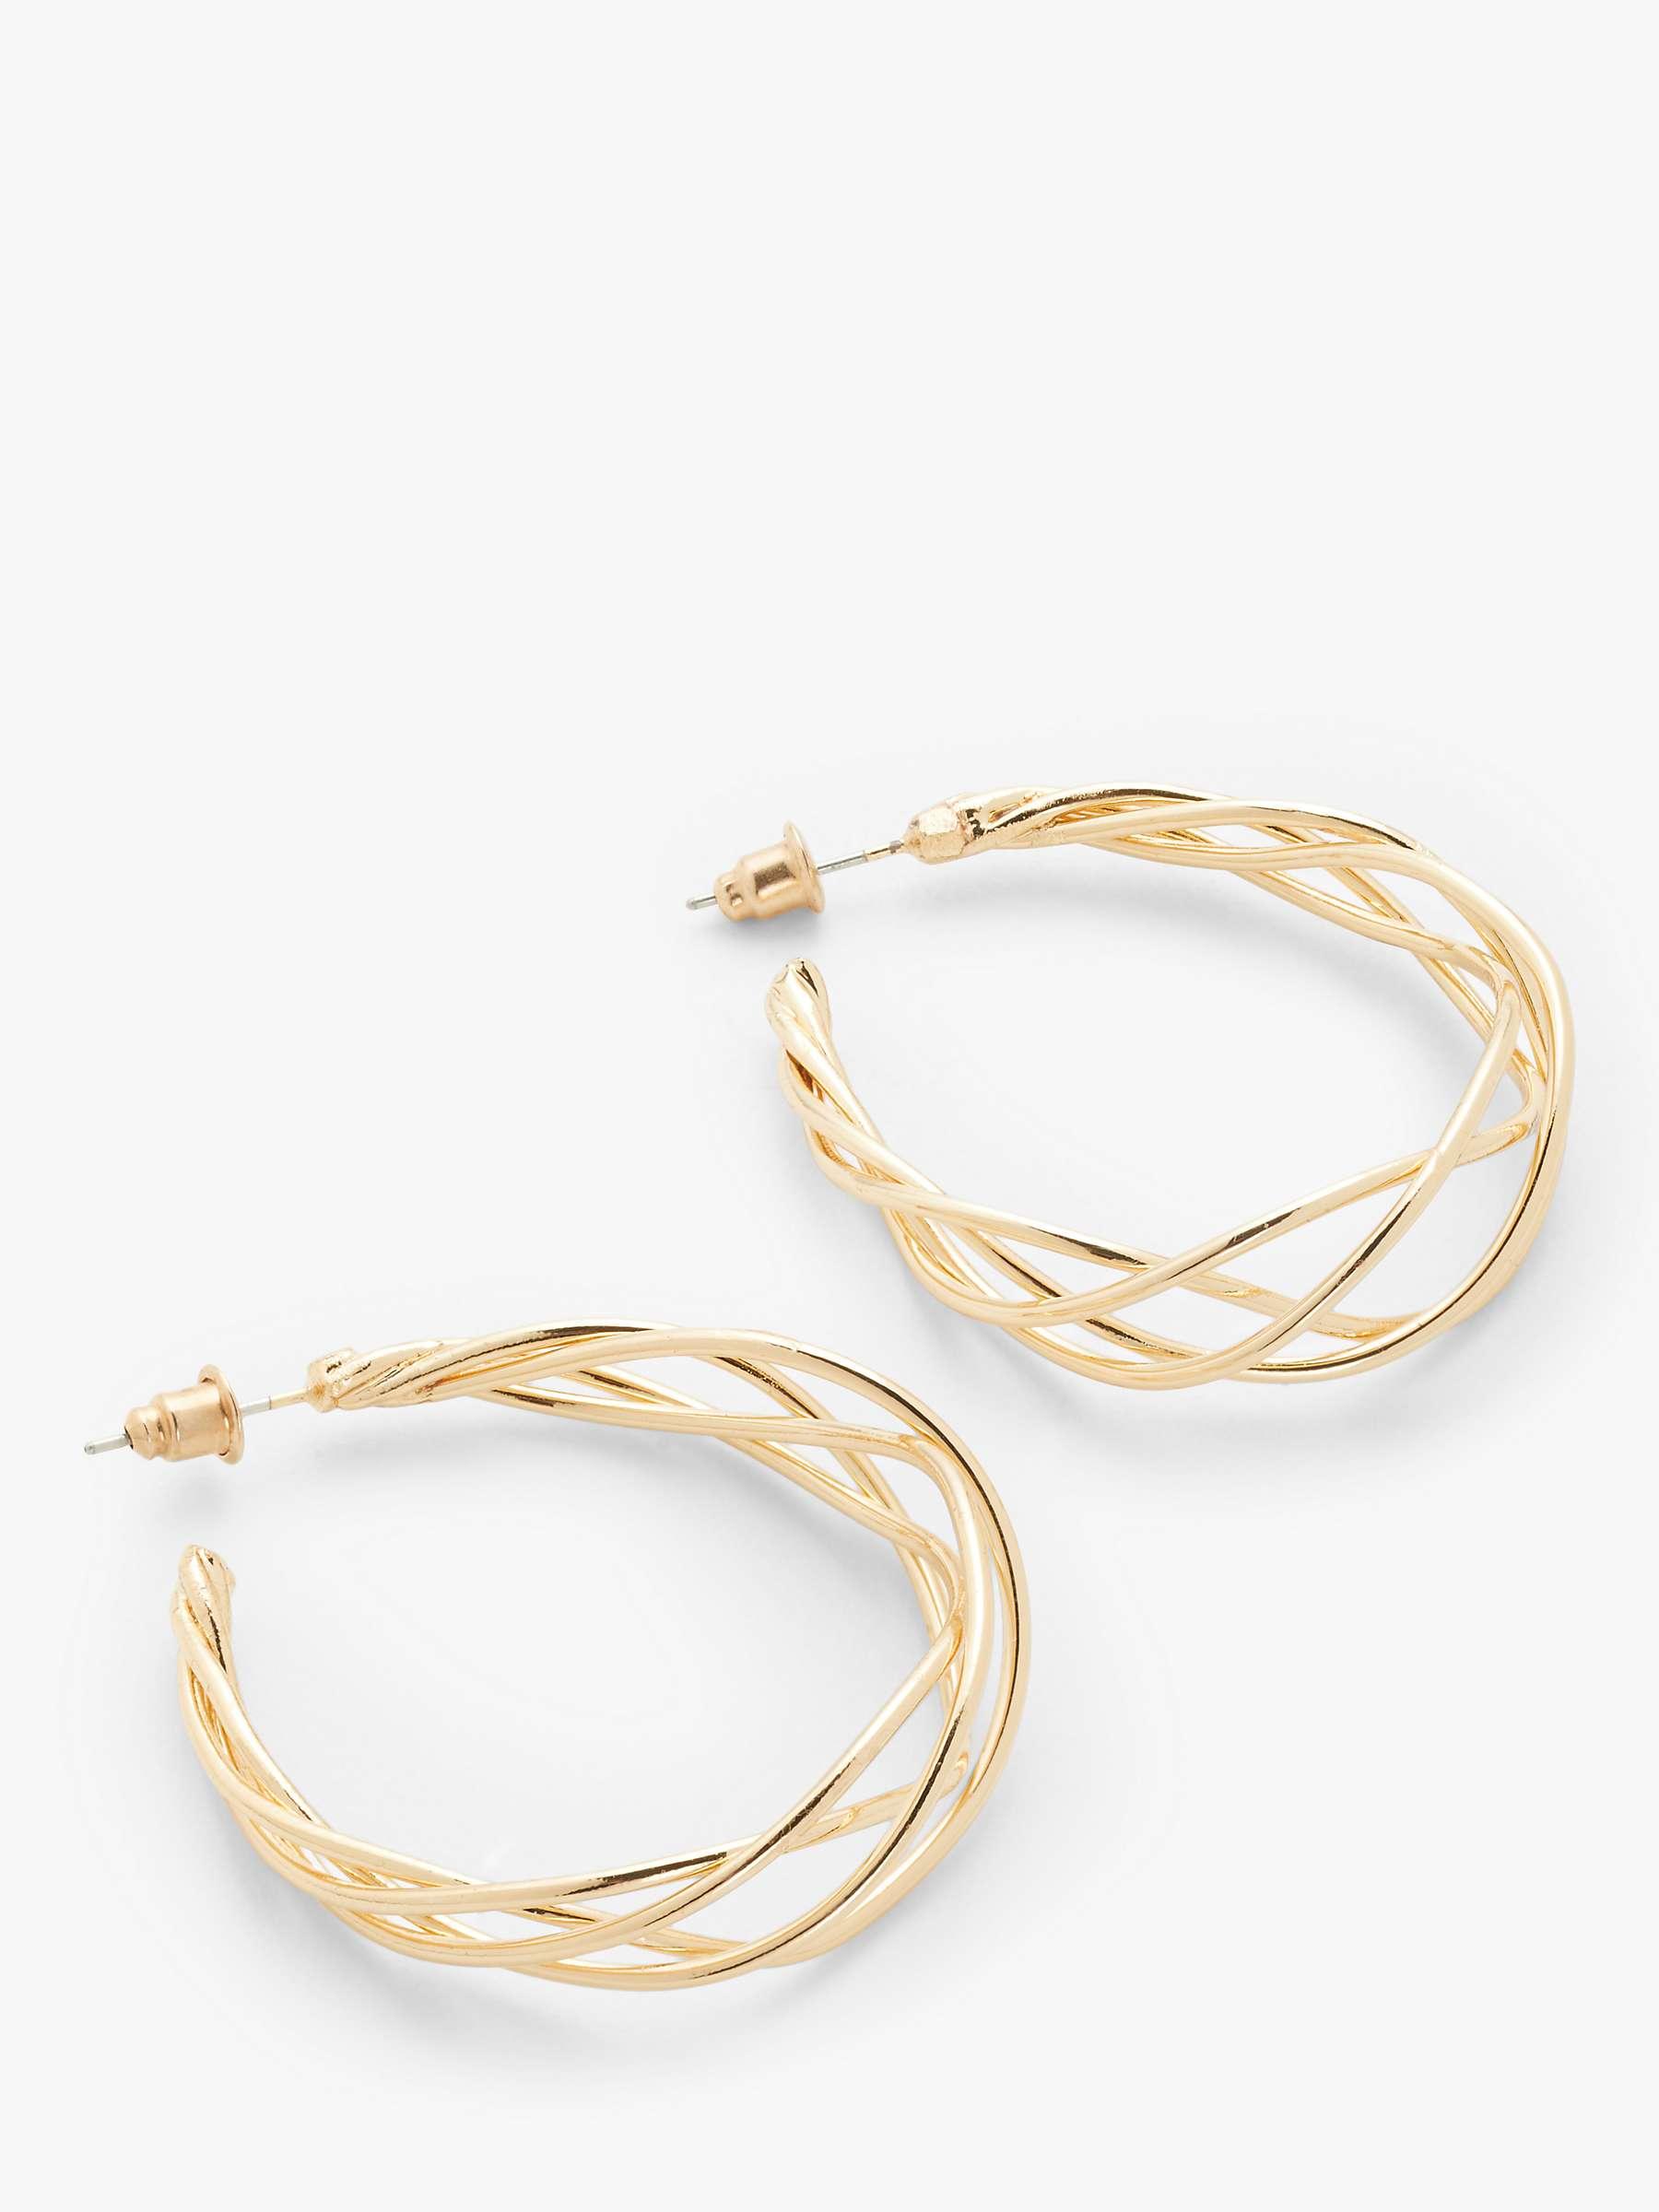 Wire Hoop Earrings Gold At John Lewis